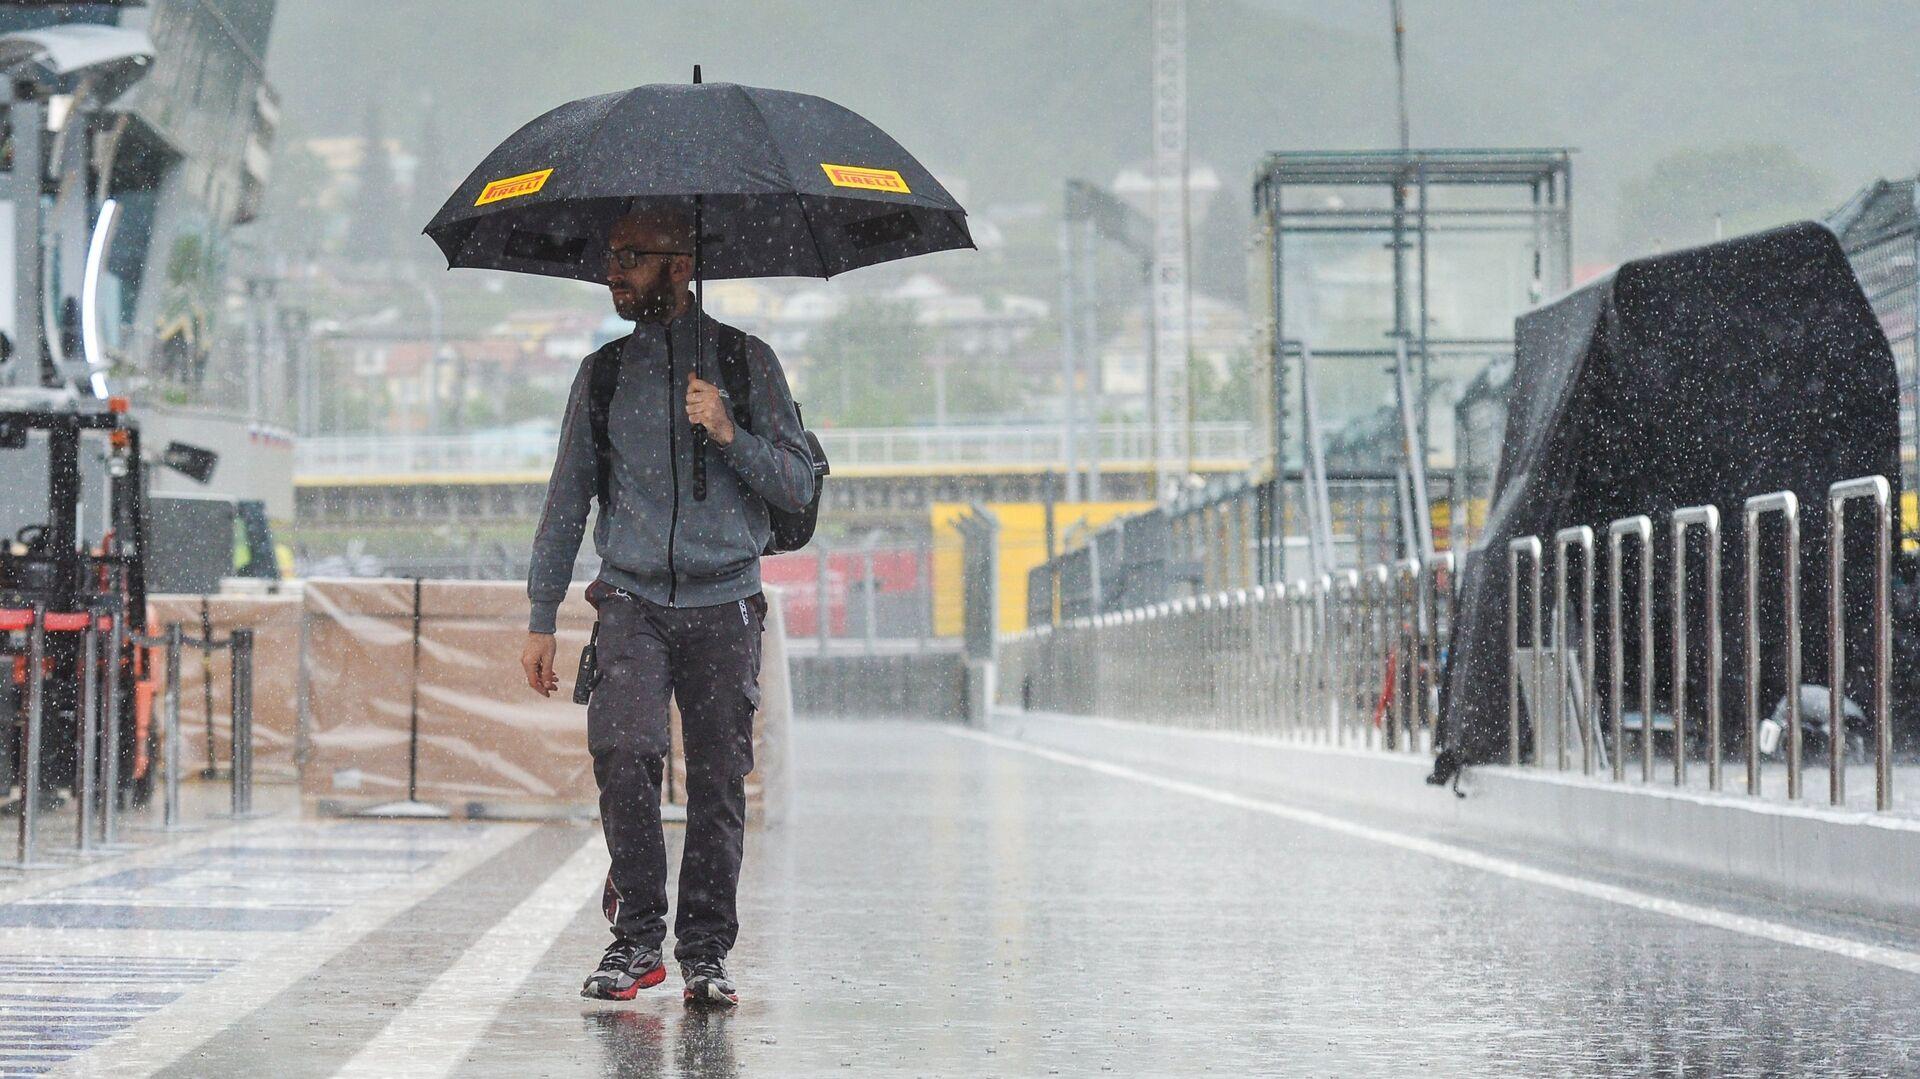 Власти Сочи прогнозируют дальнейшее ухудшение погоды